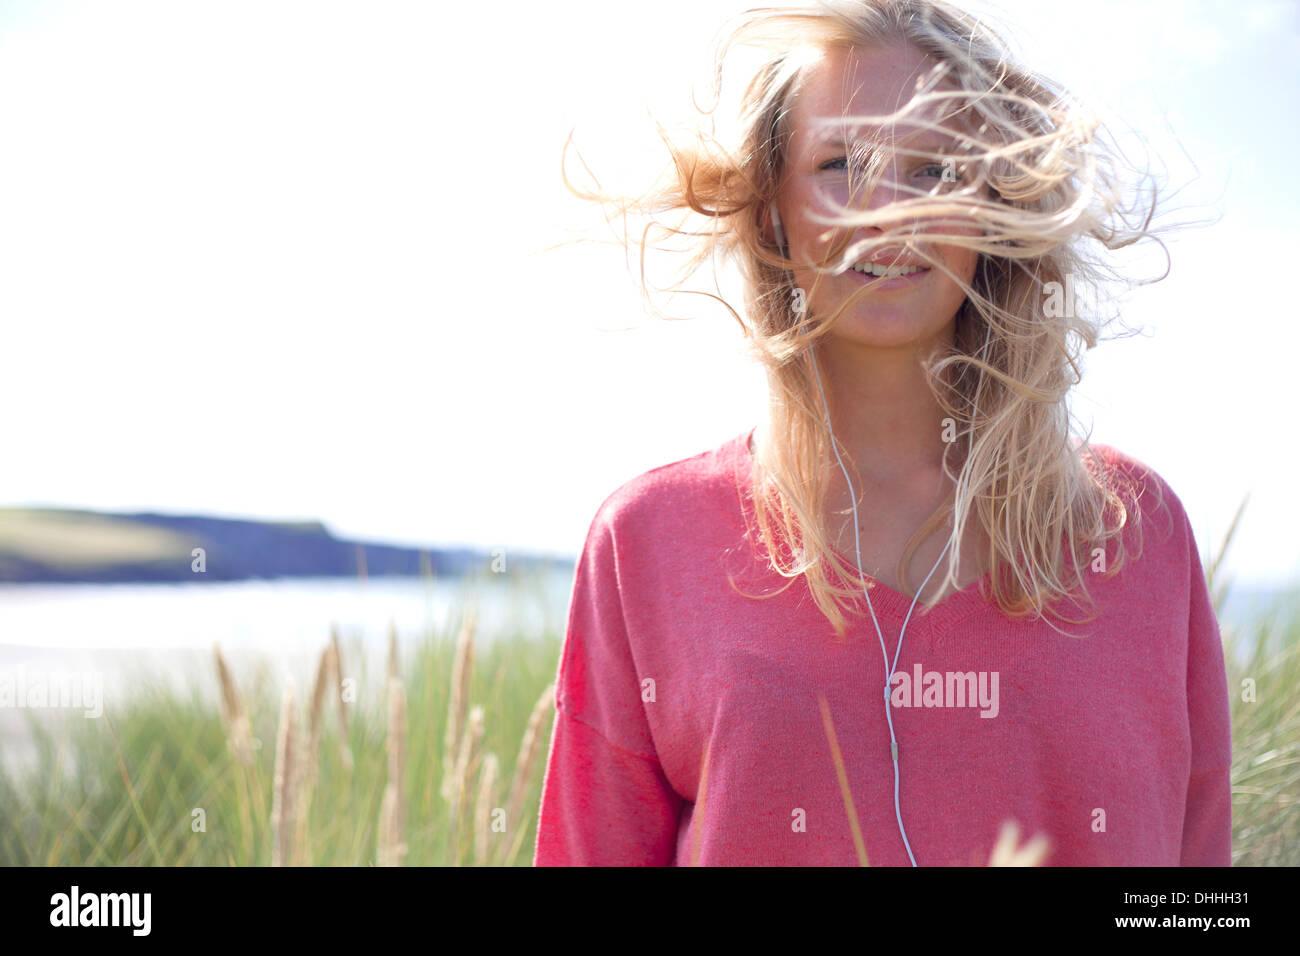 Portrait de femme aux cheveux blonds en désordre, Pays de Galles, Royaume-Uni Photo Stock